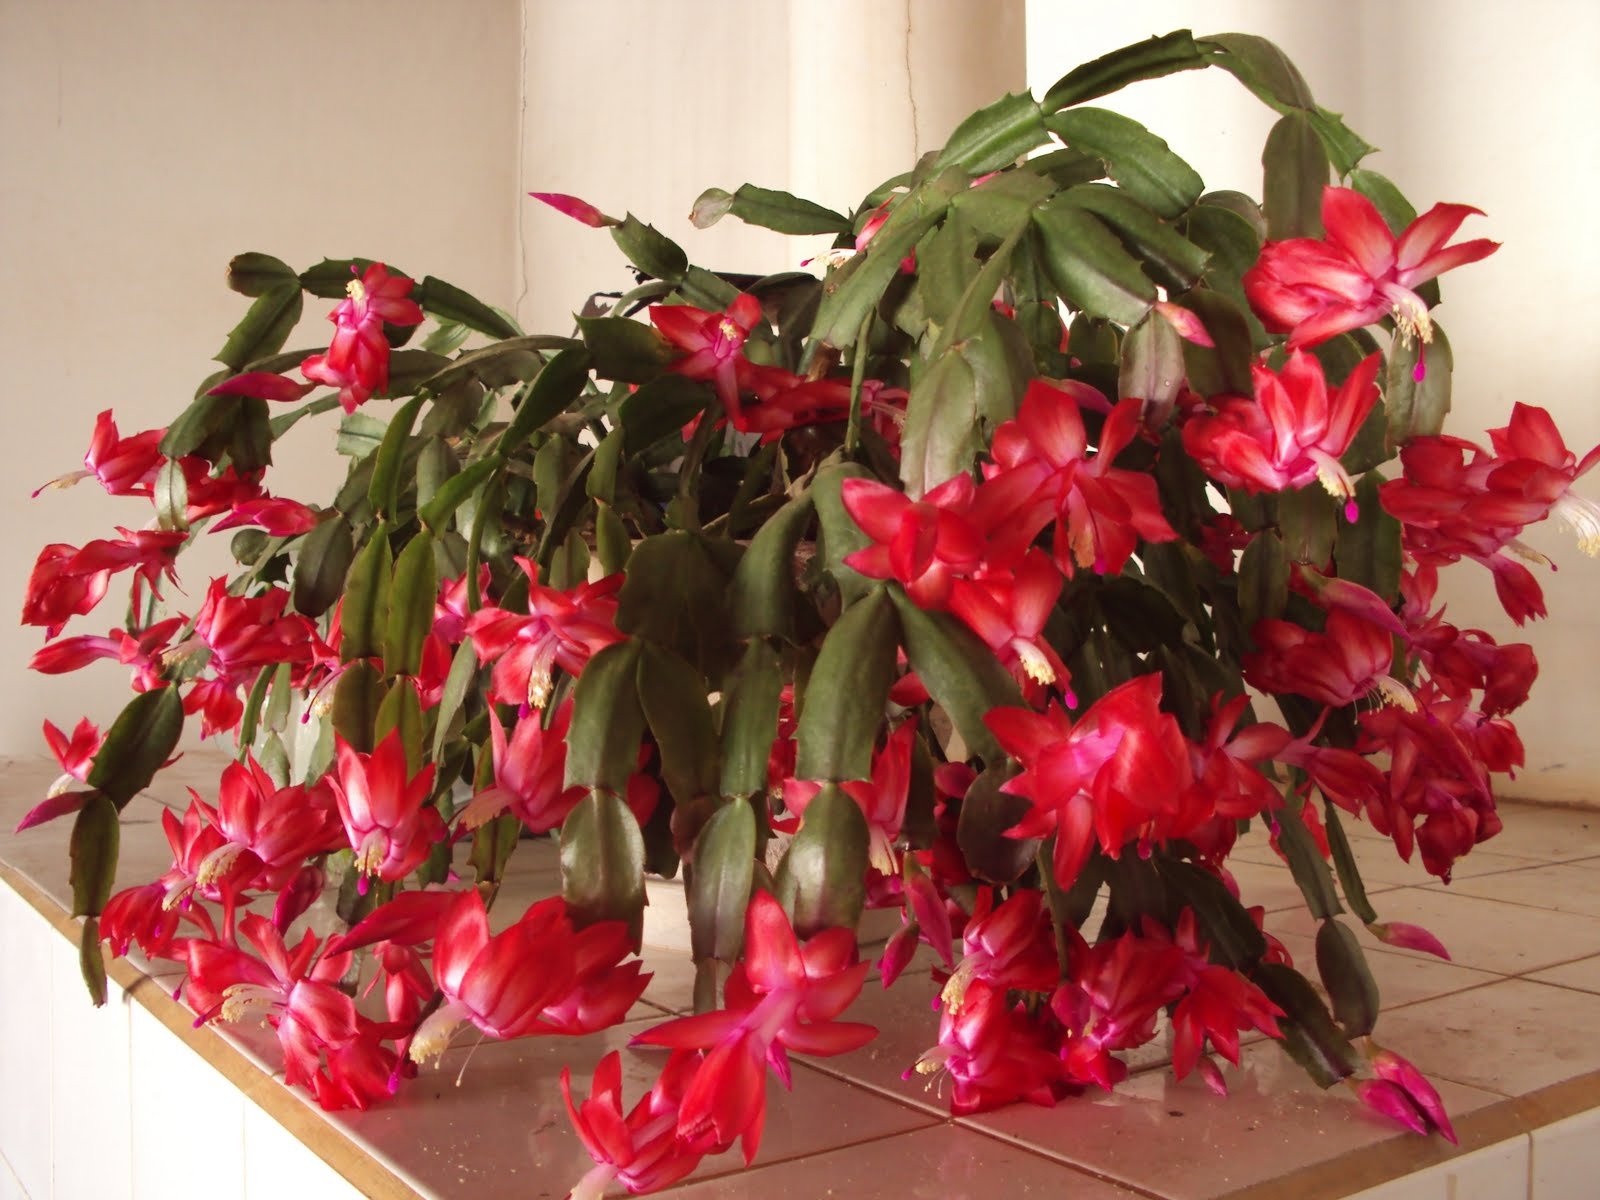 Gėlės nuotrauka. (Pavadinimas: Kalėdinis kaktusas)